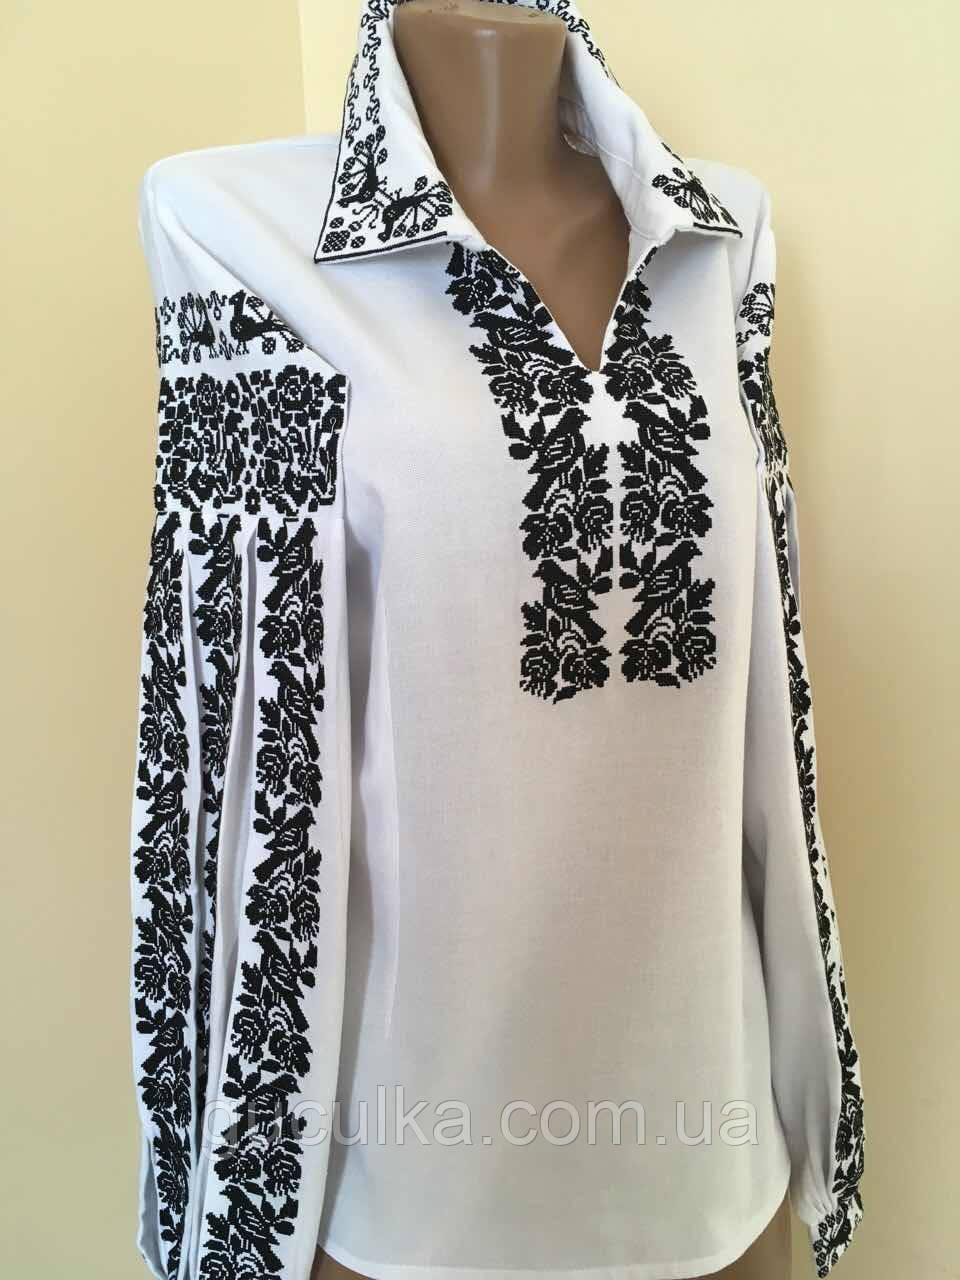 Вишита жіноча сорочка біла з чорним орнаментом розмір - Інтернет-магазин